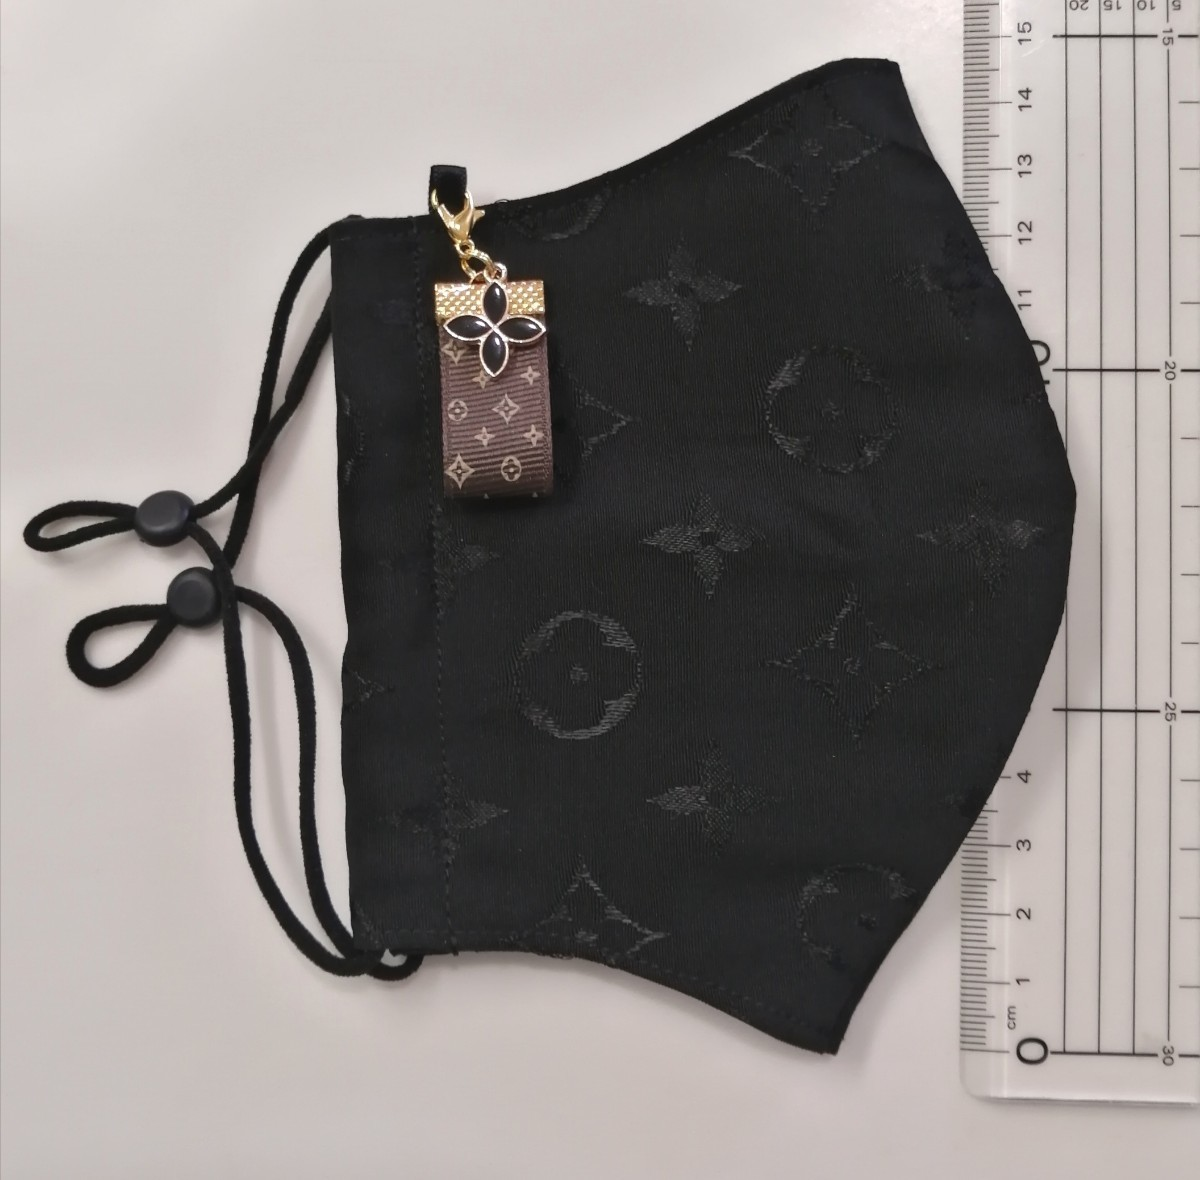 立体インナー ノーブランド モノグラム柄 ハンドメイド ブラック大きめサイズ ゴムストッパー付き